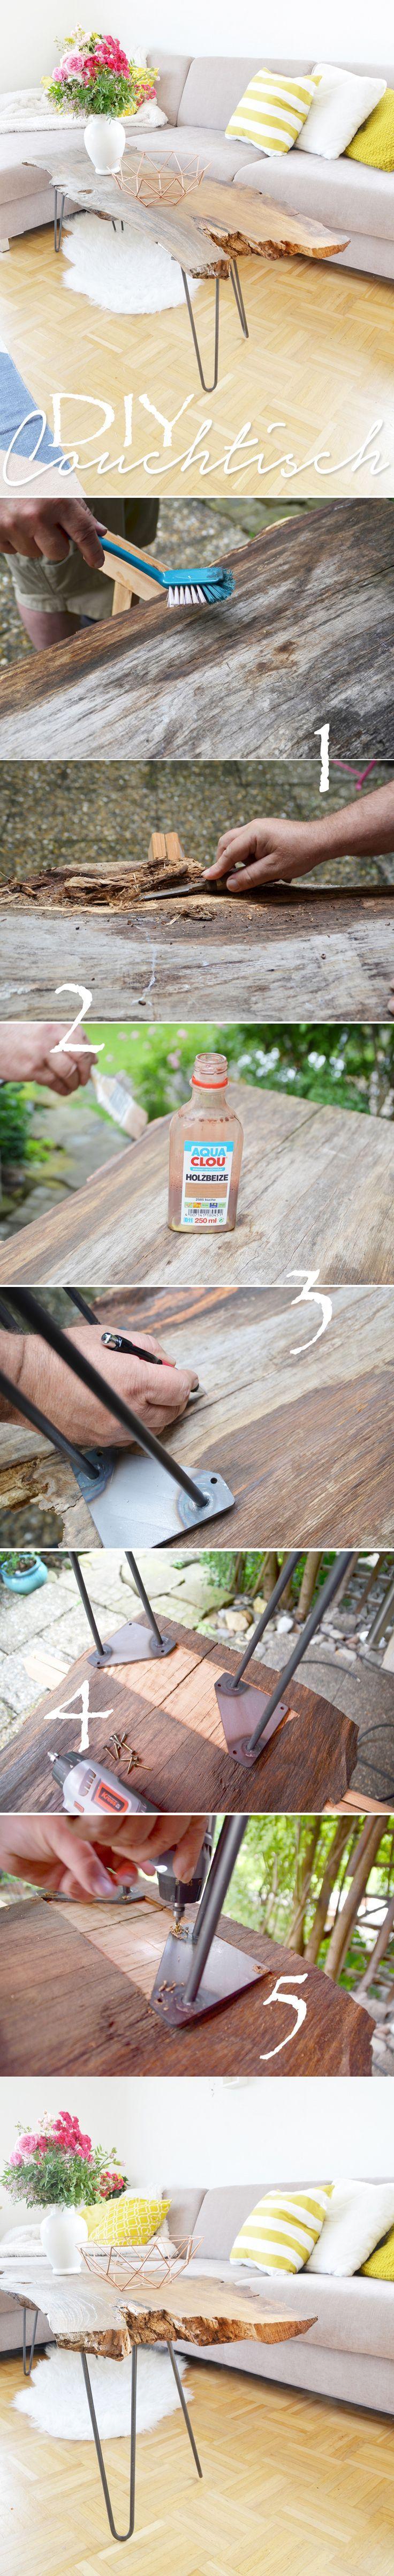 Do It Yourself- Möbel: Couchtisch aus Massivholz (Eiche) selber bauen: Das einf – Pinaction